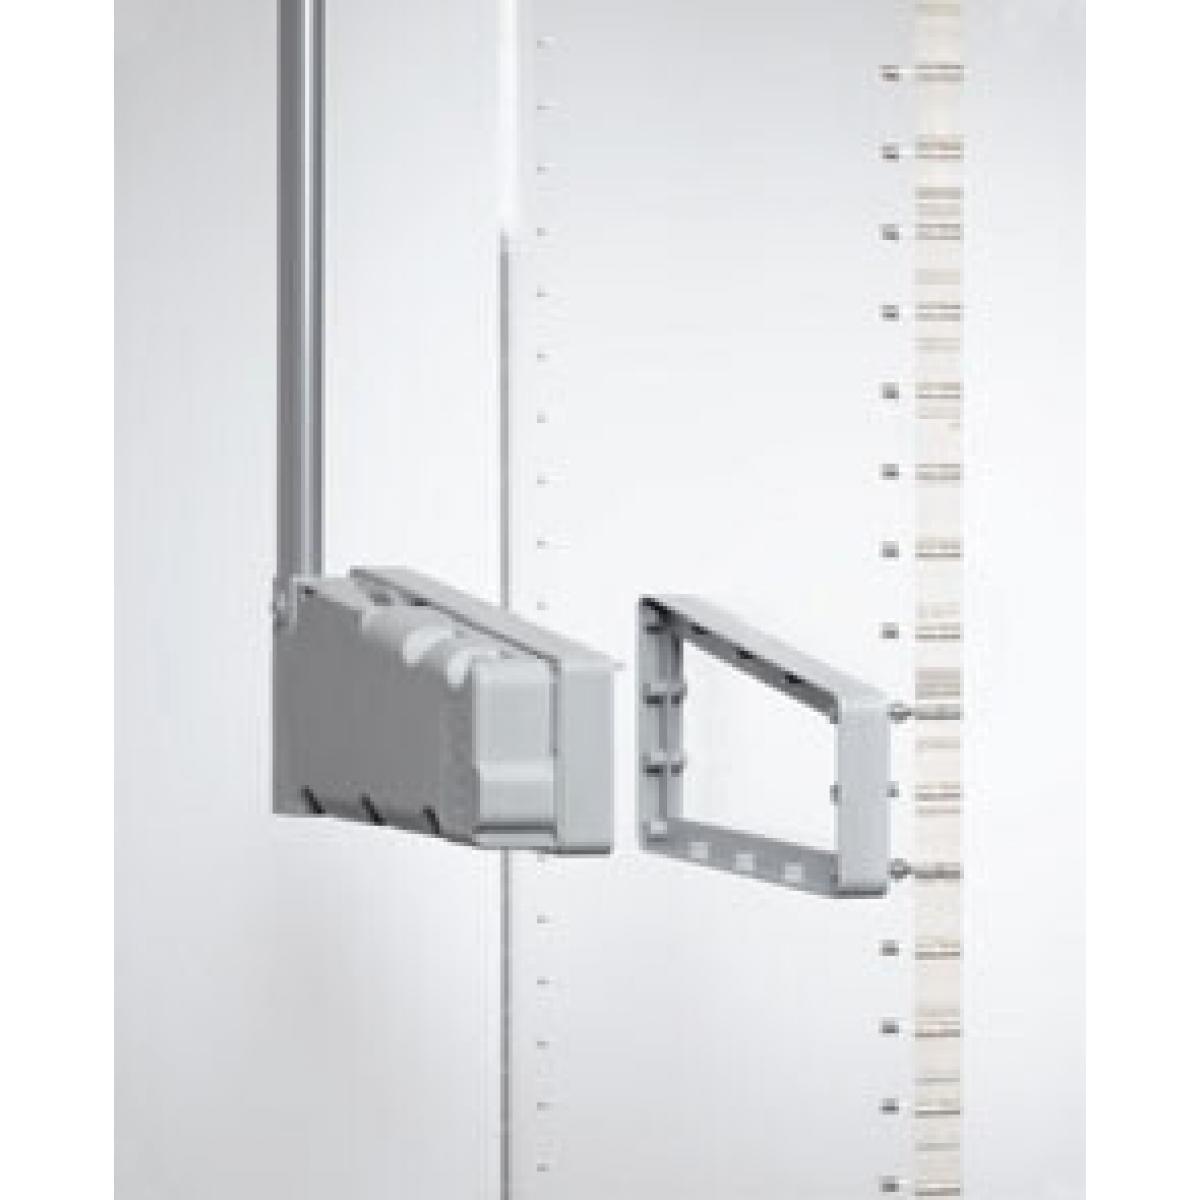 Расширитель проема 2см пантограф мебельный Лифт 300 для одежды в шкаф проем 75-115см вес до 10кг цвет серый; Производитель: Ambos SRL ИТАЛИЯ